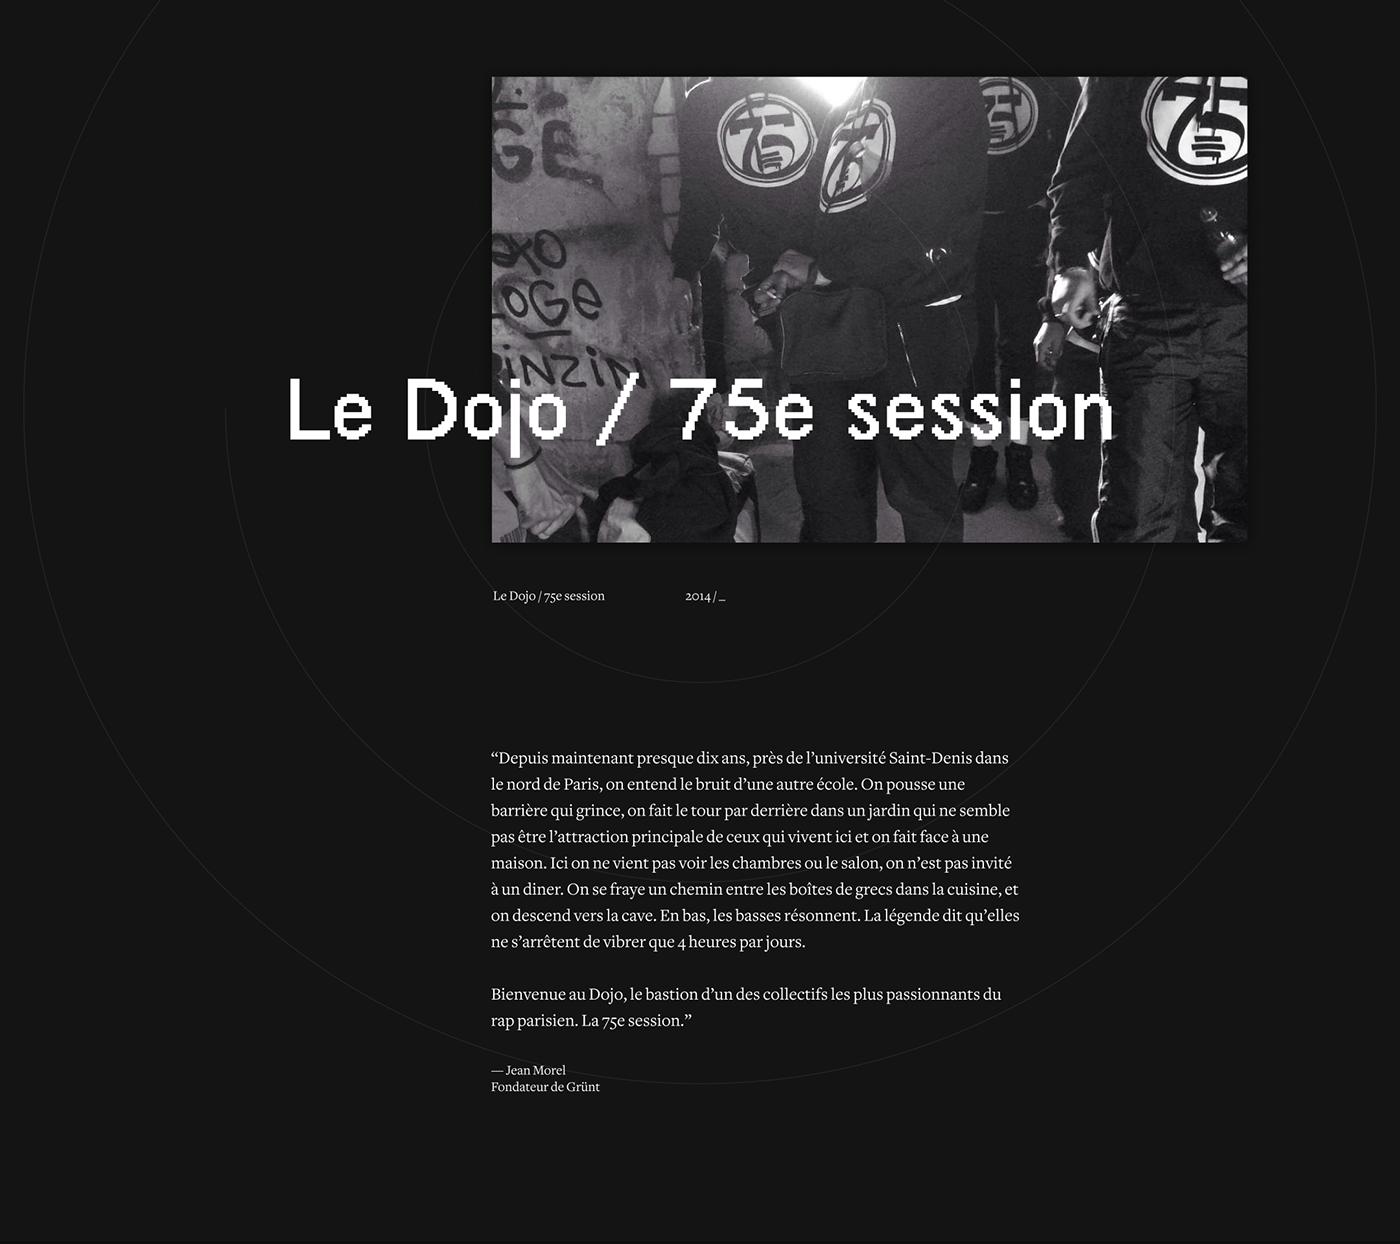 DOJO studio 75ème session session son rap Paris